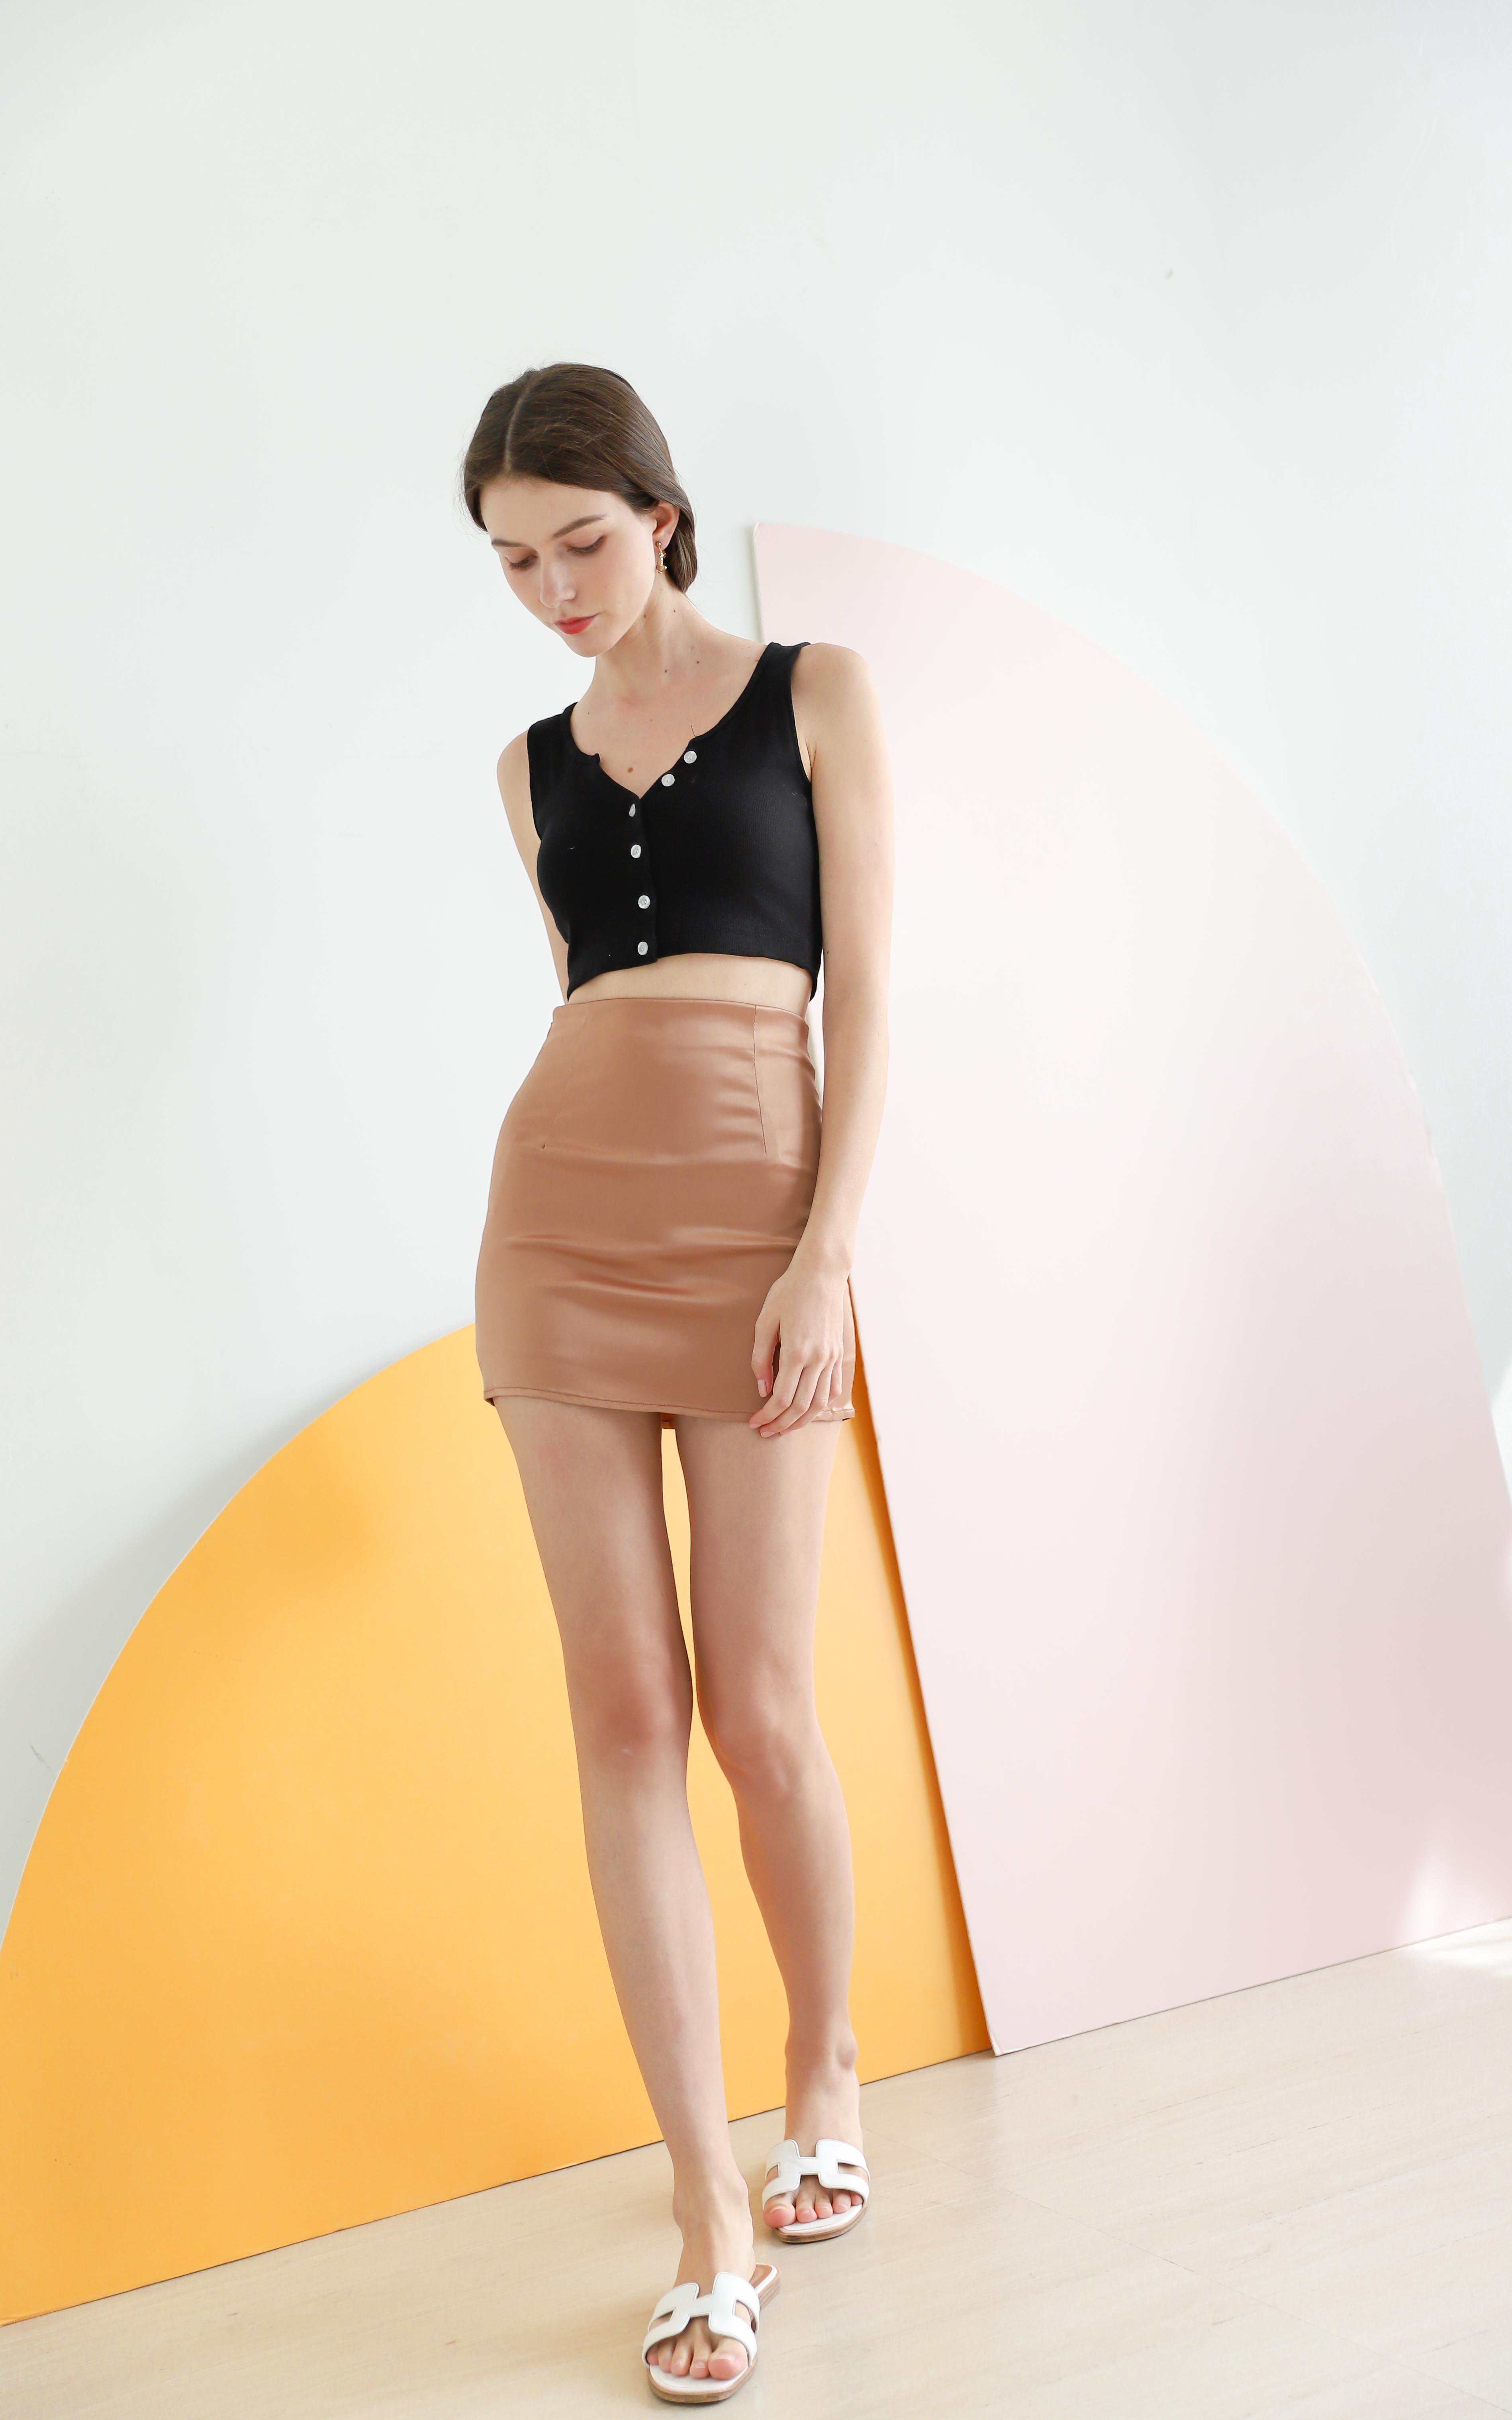 Kandra Leather Satin Skirt in Metallic Orange